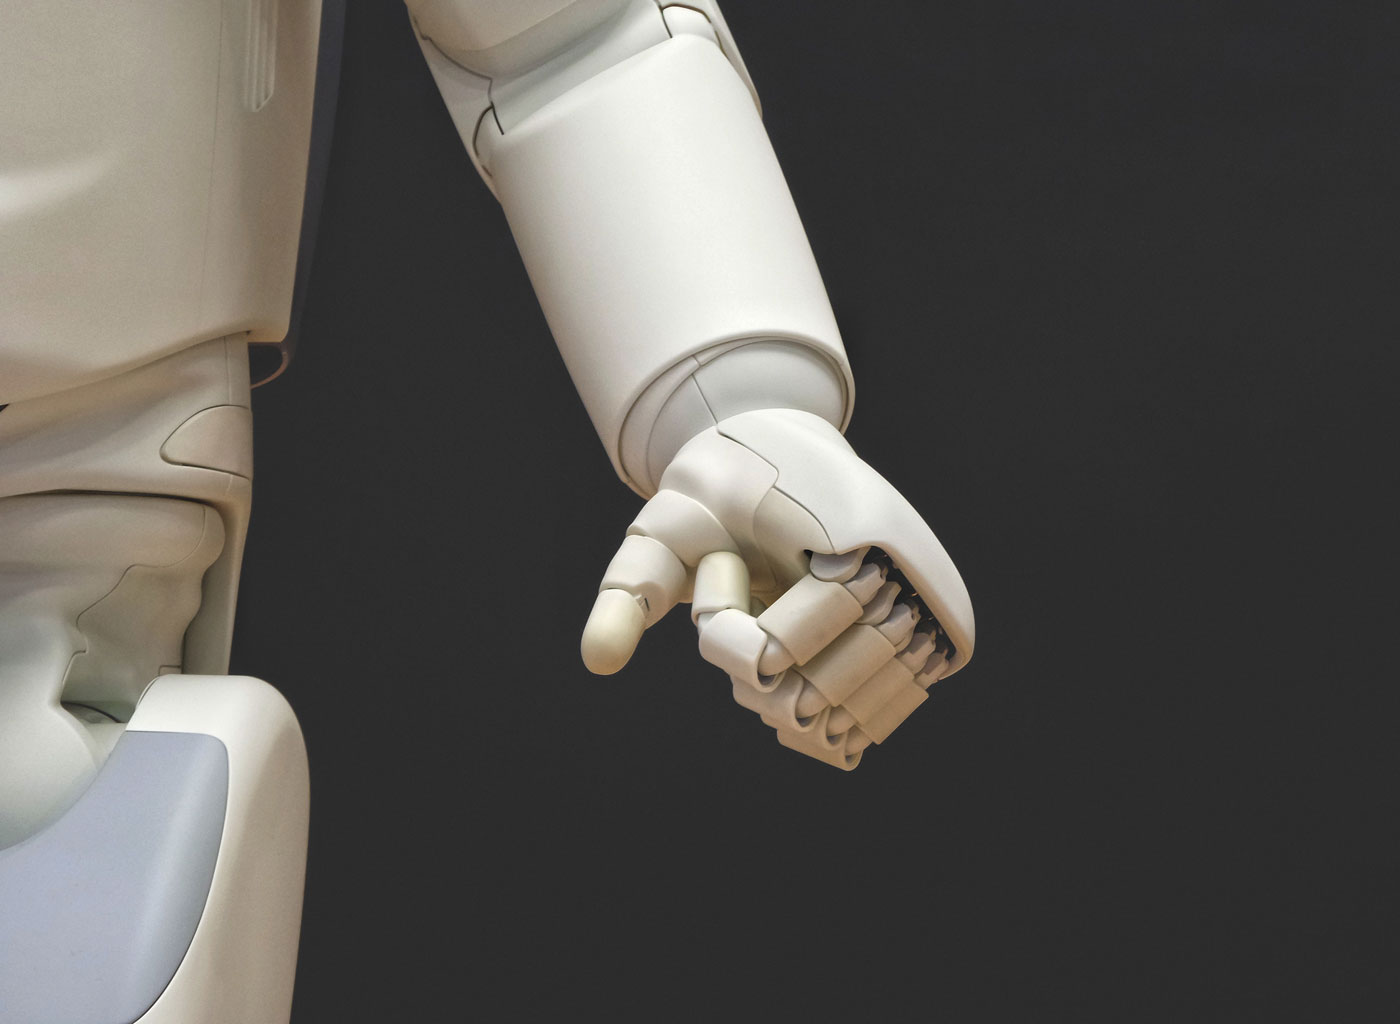 🤖 LEGO vypustyla konstruktor, ščo dozvolyť zibraty spravžńogo robota